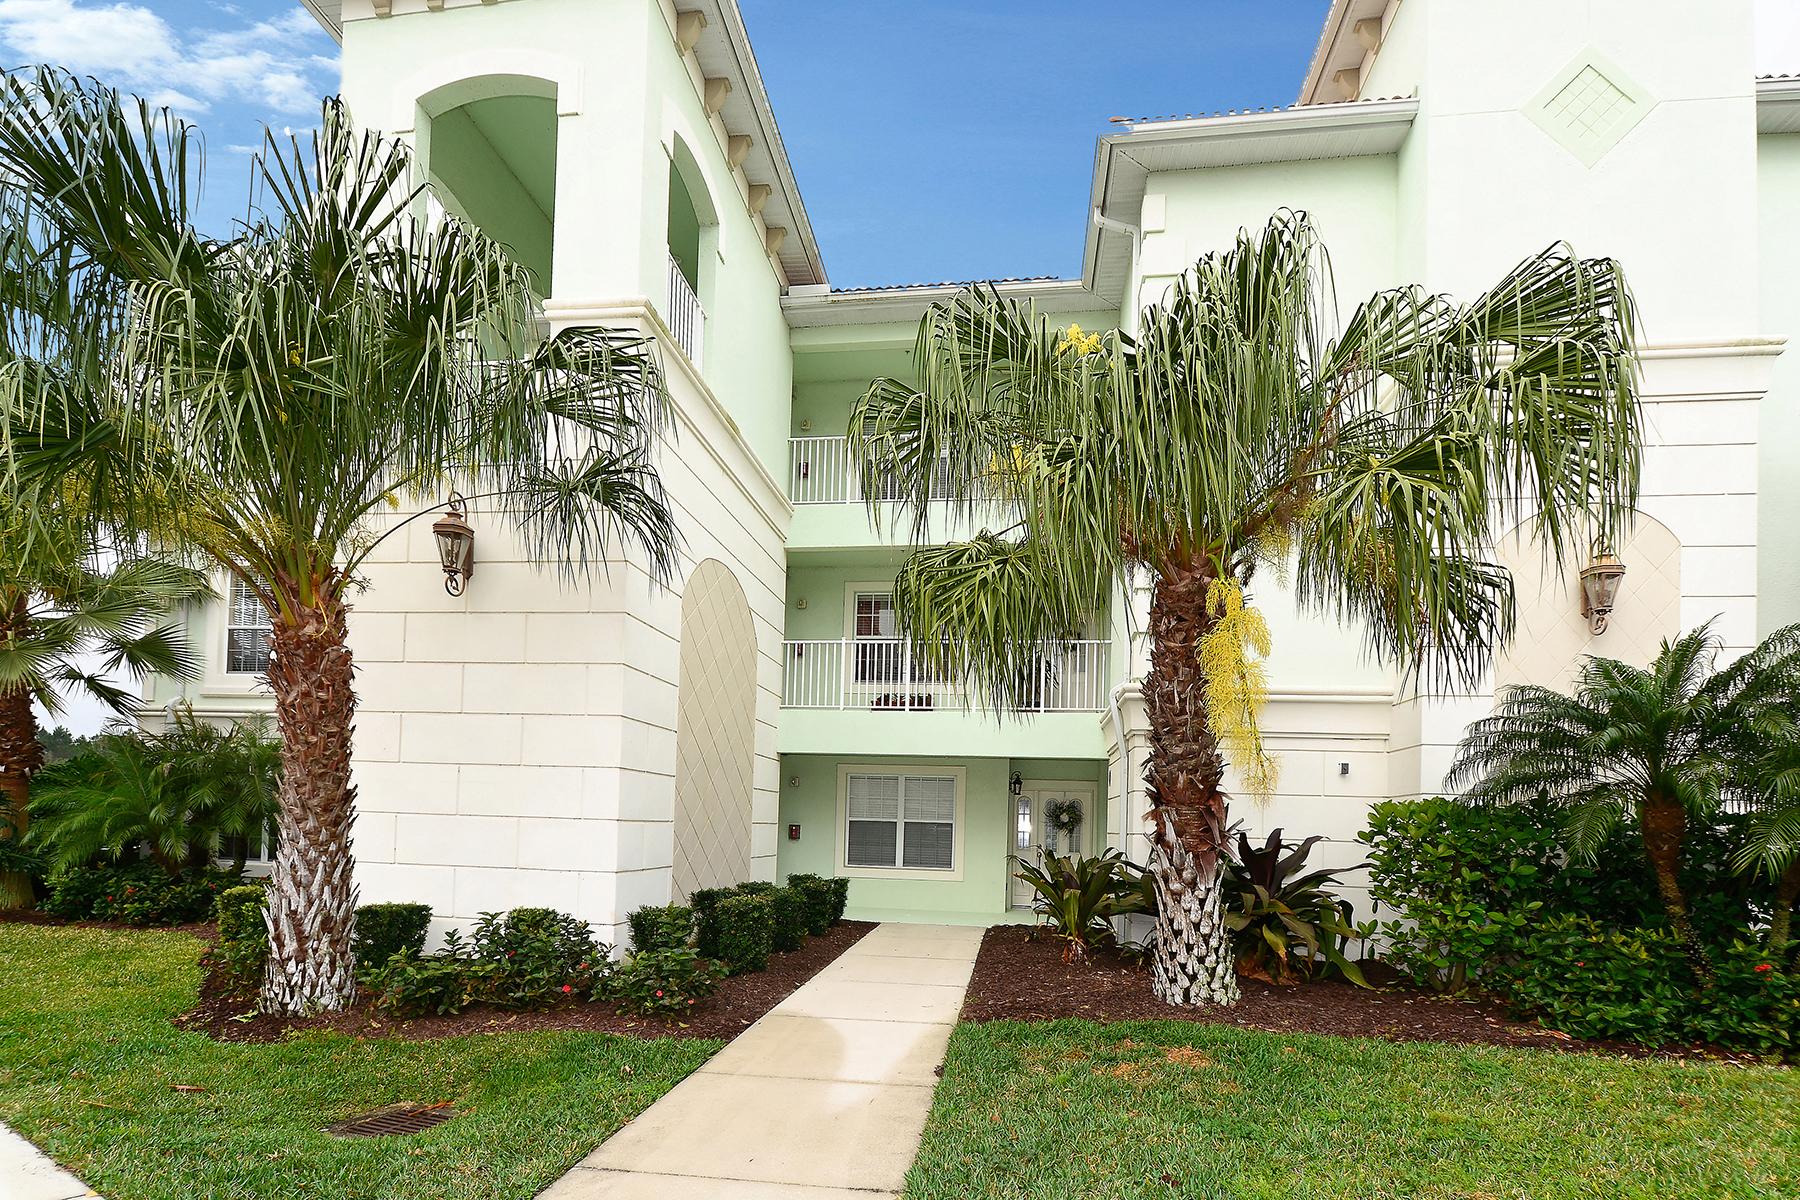 共管式独立产权公寓 为 销售 在 SAN LINO 1000 San Lino Cir 1021 威尼斯, 佛罗里达州, 34292 美国